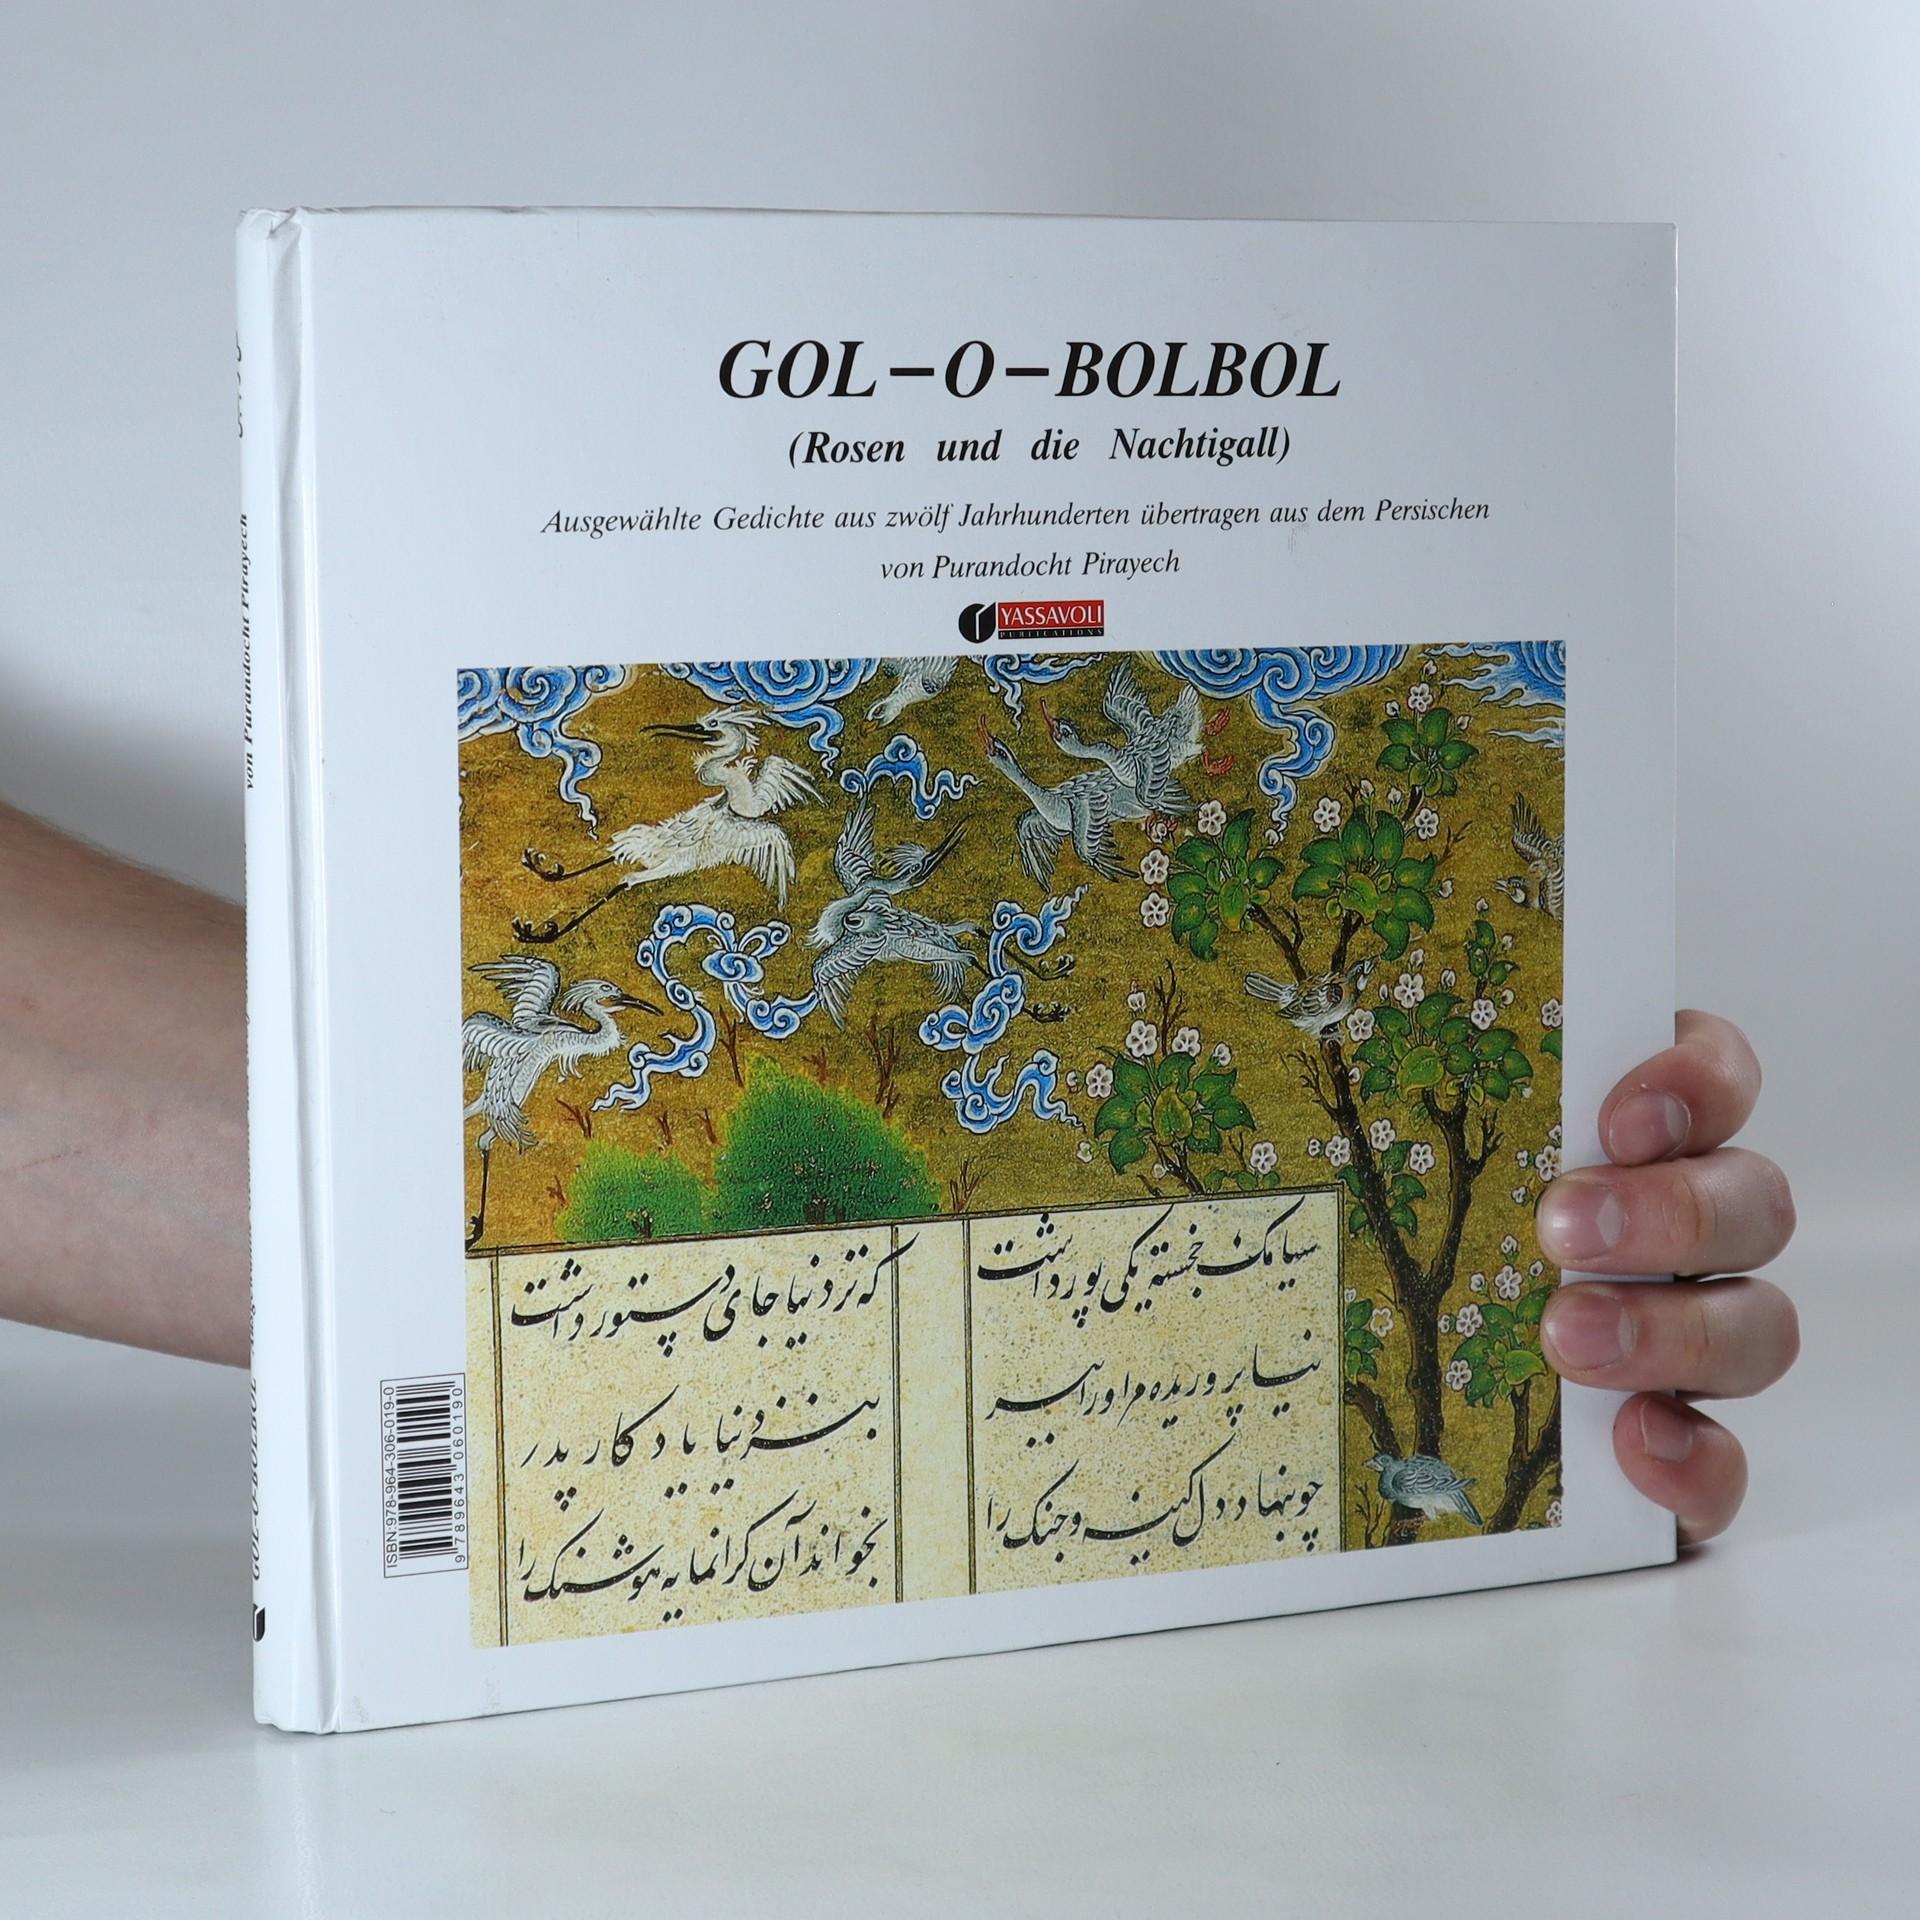 antikvární kniha Gol-o-bolbol, 1995